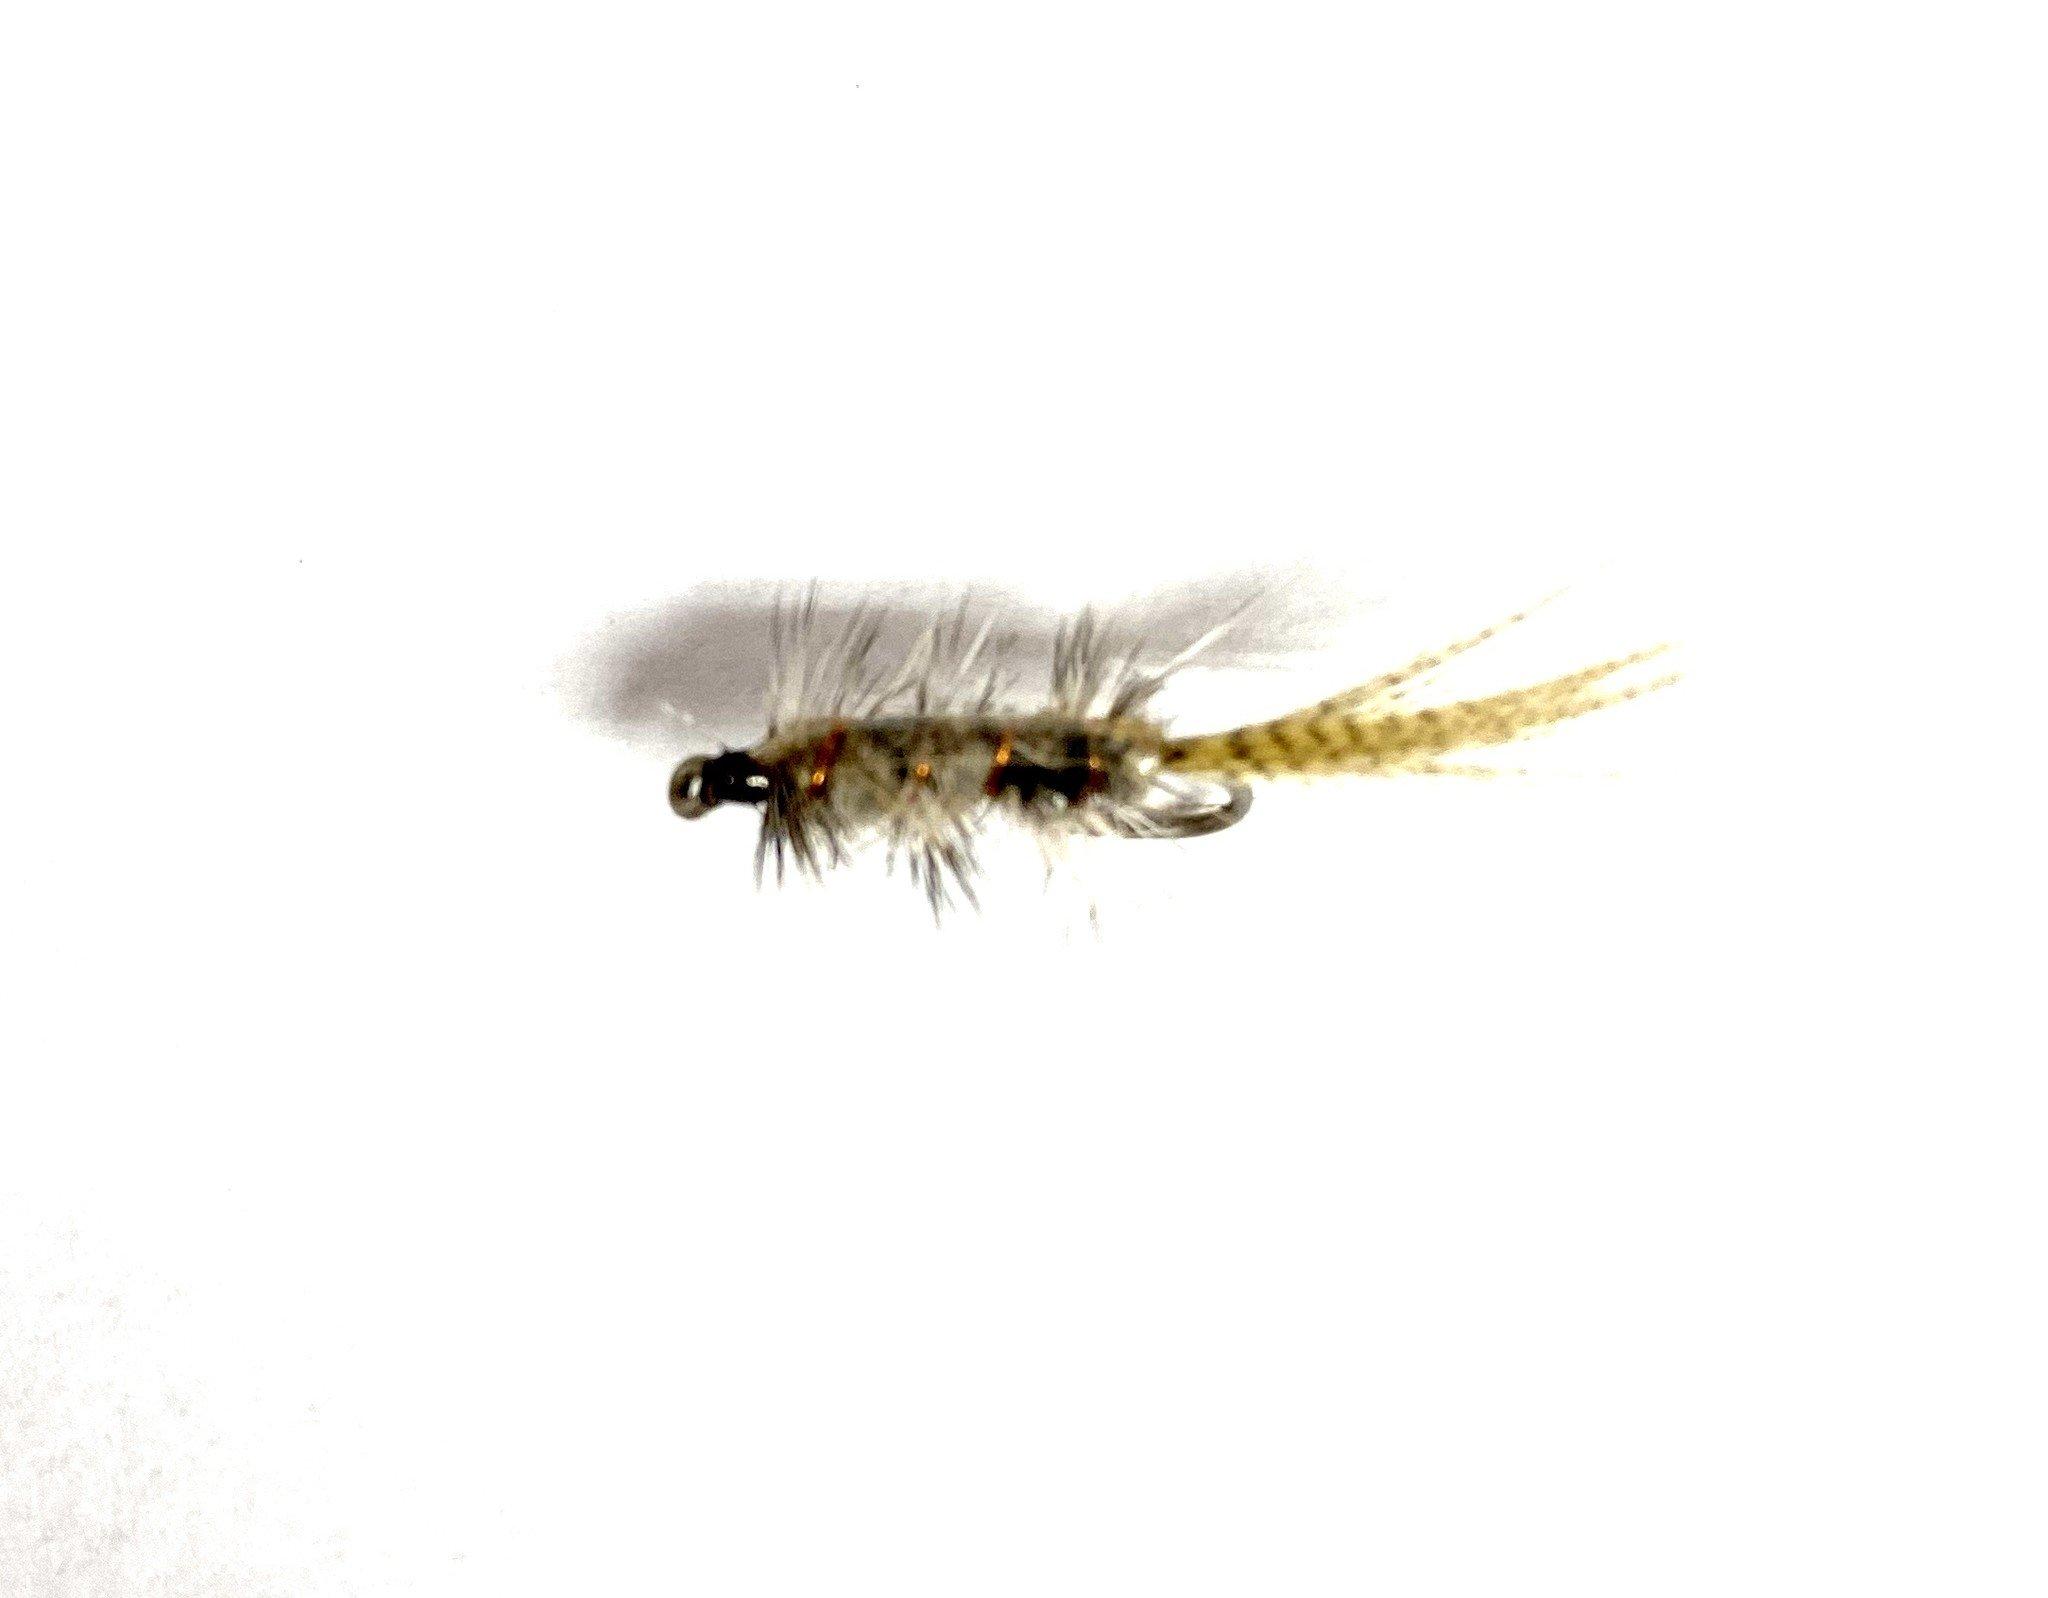 Montana Fly Company Rickards Callibaetis Nymph